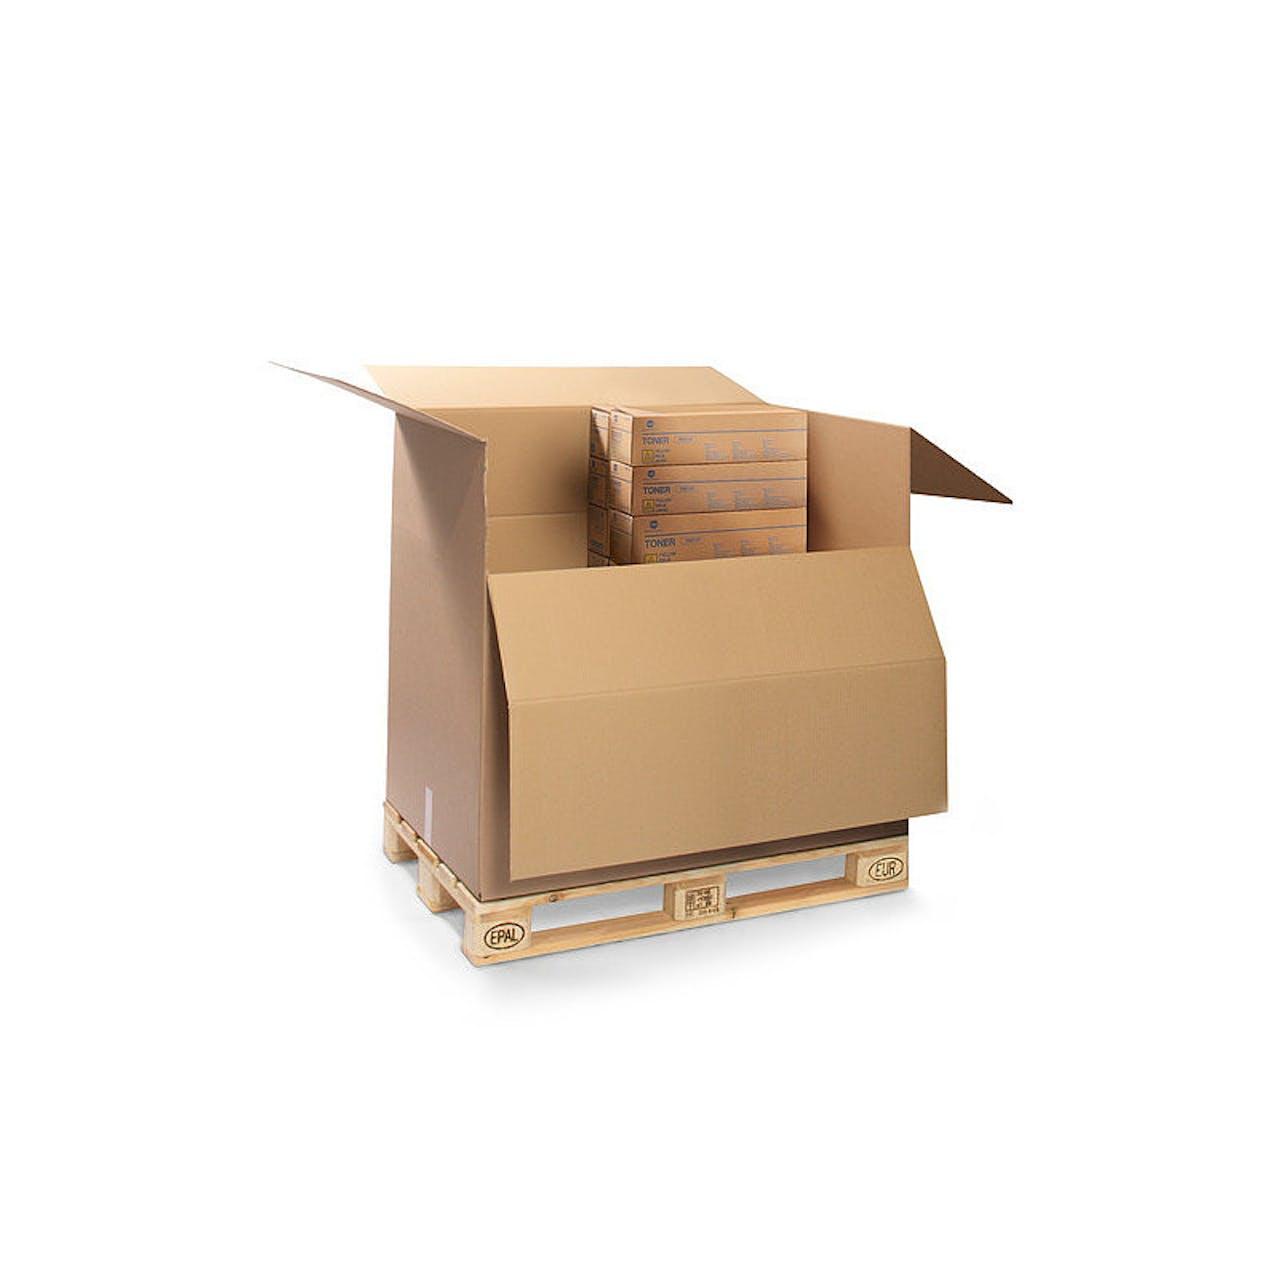 Palettencontainer, 1195 x 995 x 545 mm, 1 Industriepalette, 3-wellig